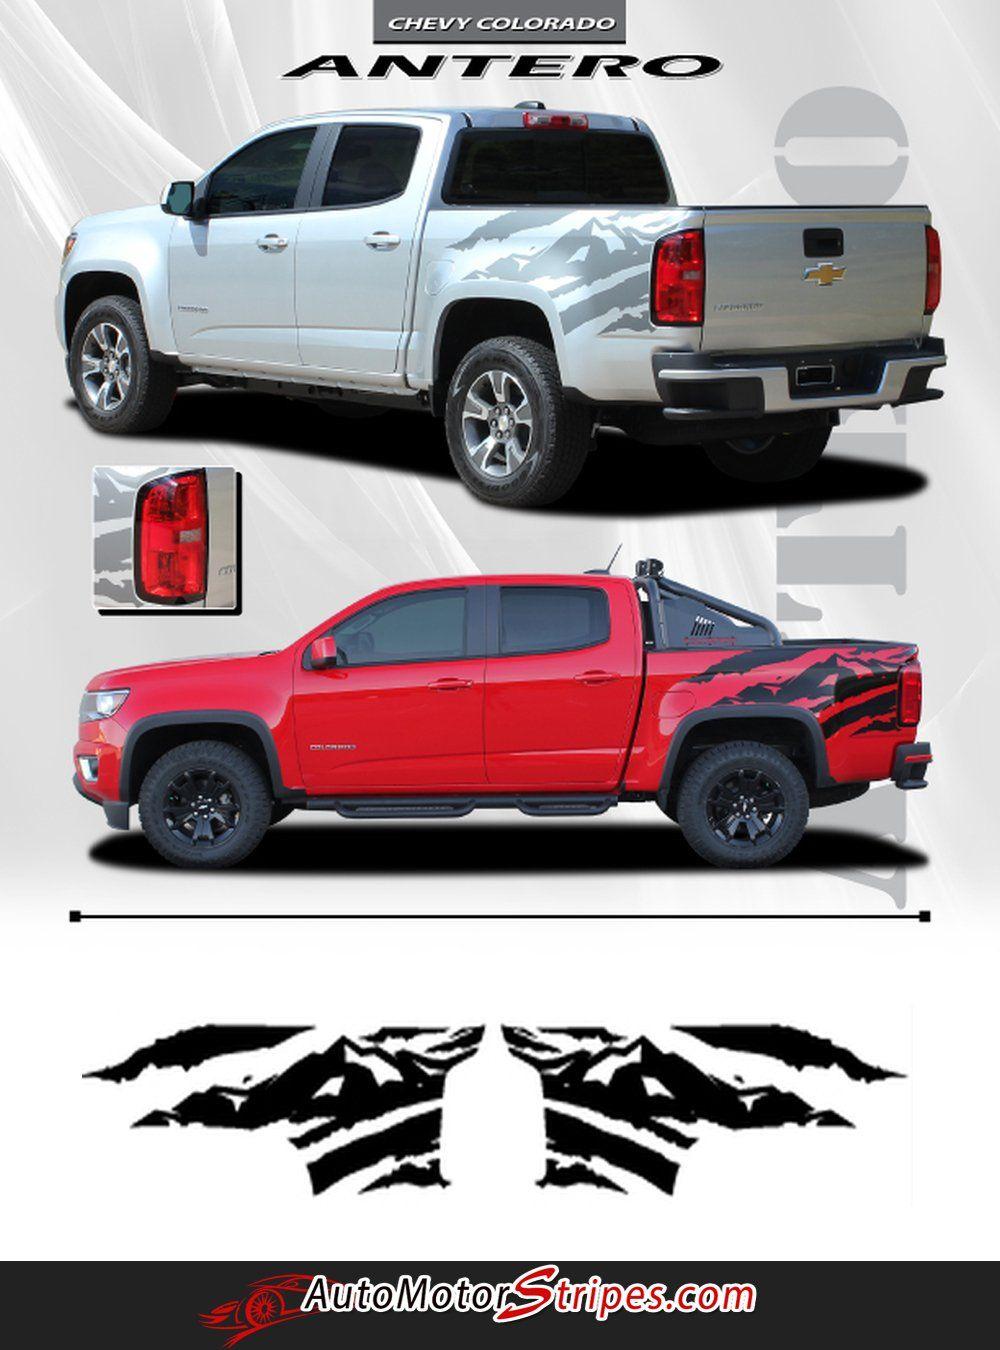 Nissan Frontier Graphics : nissan, frontier, graphics, 2015-2021, Chevy, Colorado, ANTERO, Truck, Mountain, Scene, Accent, Vinyl, Graphics, Stripes, Calcomanías, Coches,, Calcomanía, Auto,